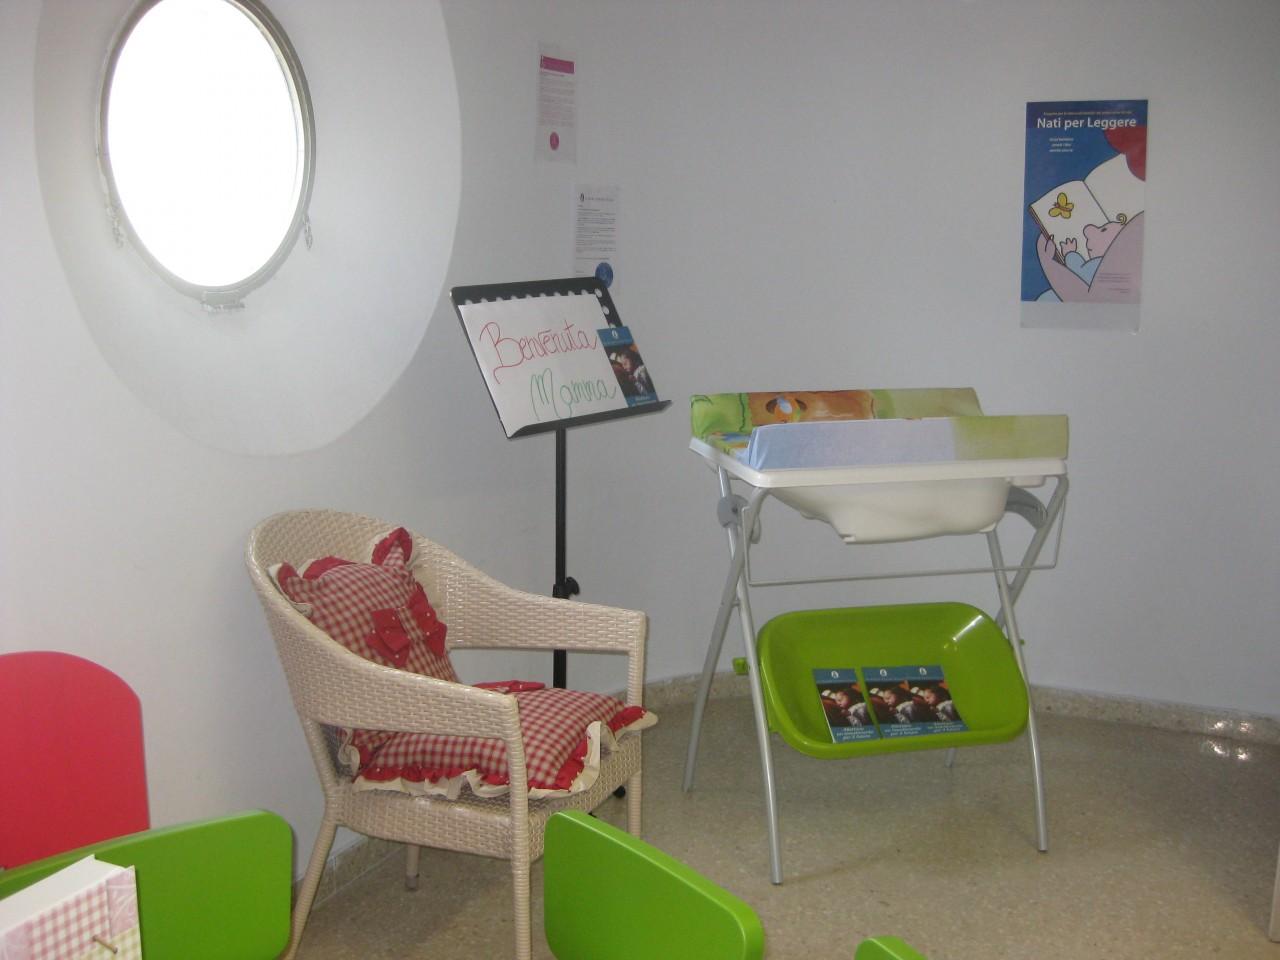 Napoli, al museo Madre un Baby pit-stop per consentire l'allattamento